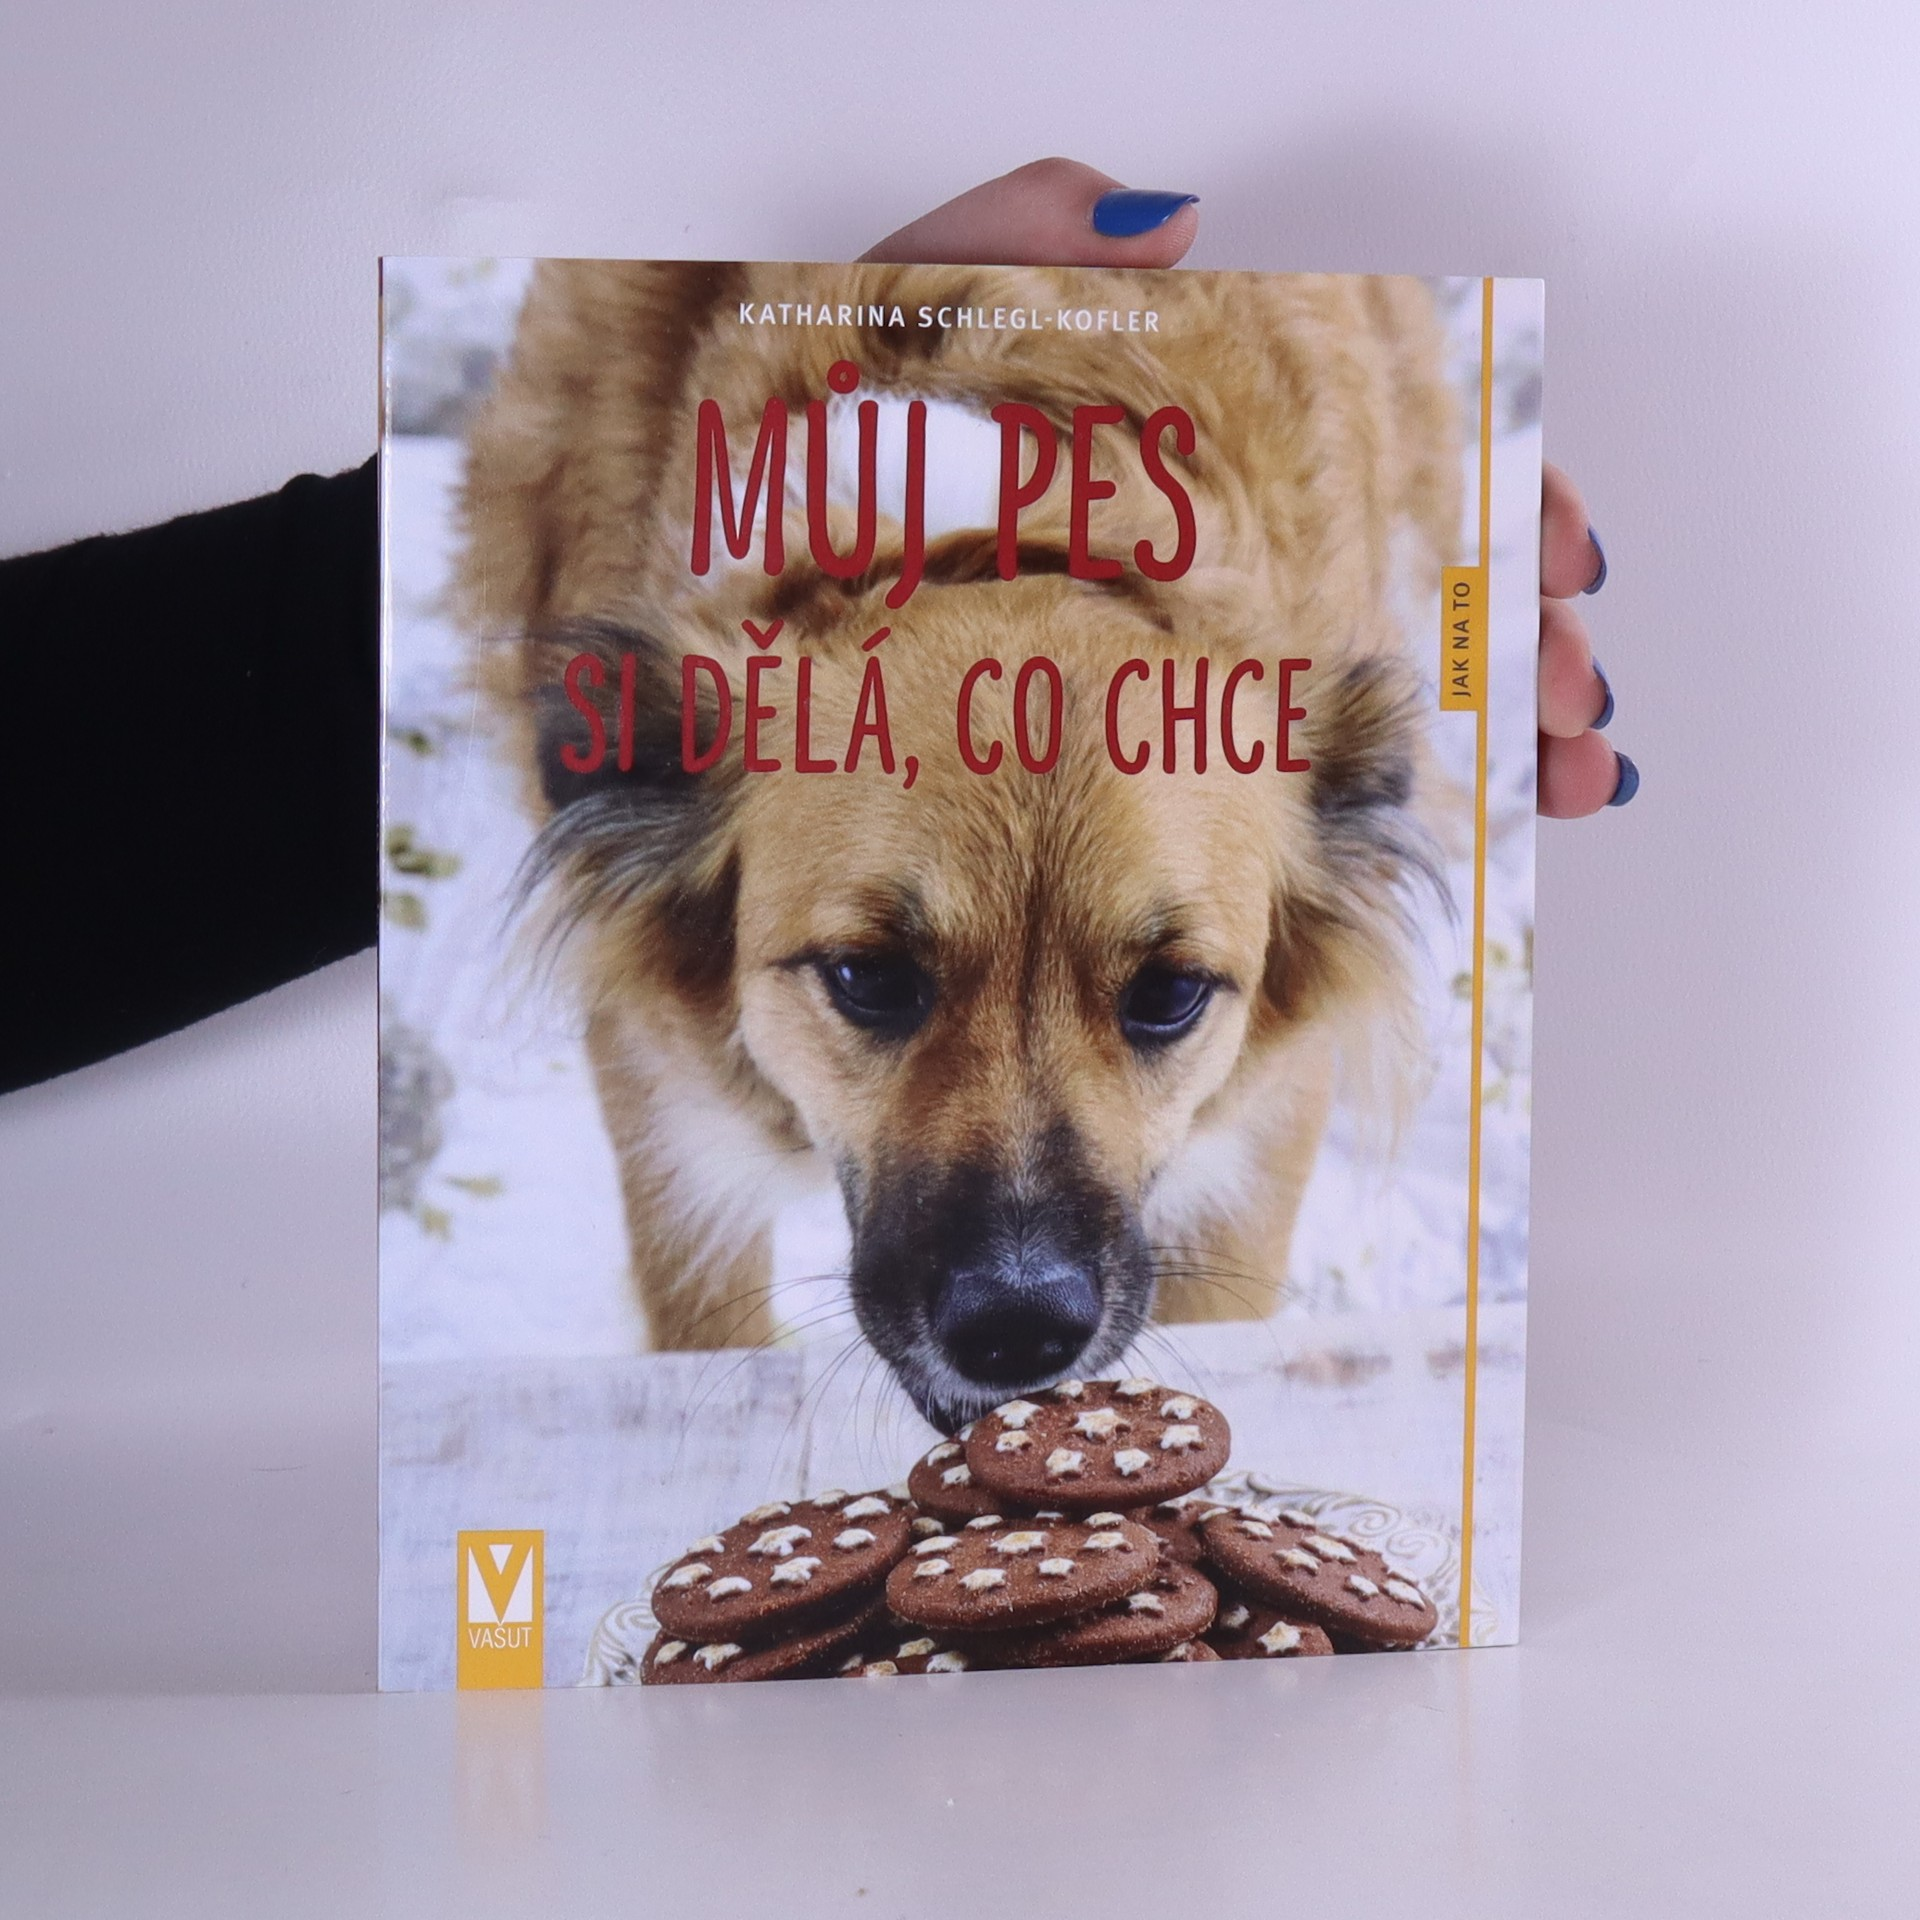 antikvární kniha Můj pes si dělá, co chce, 2015